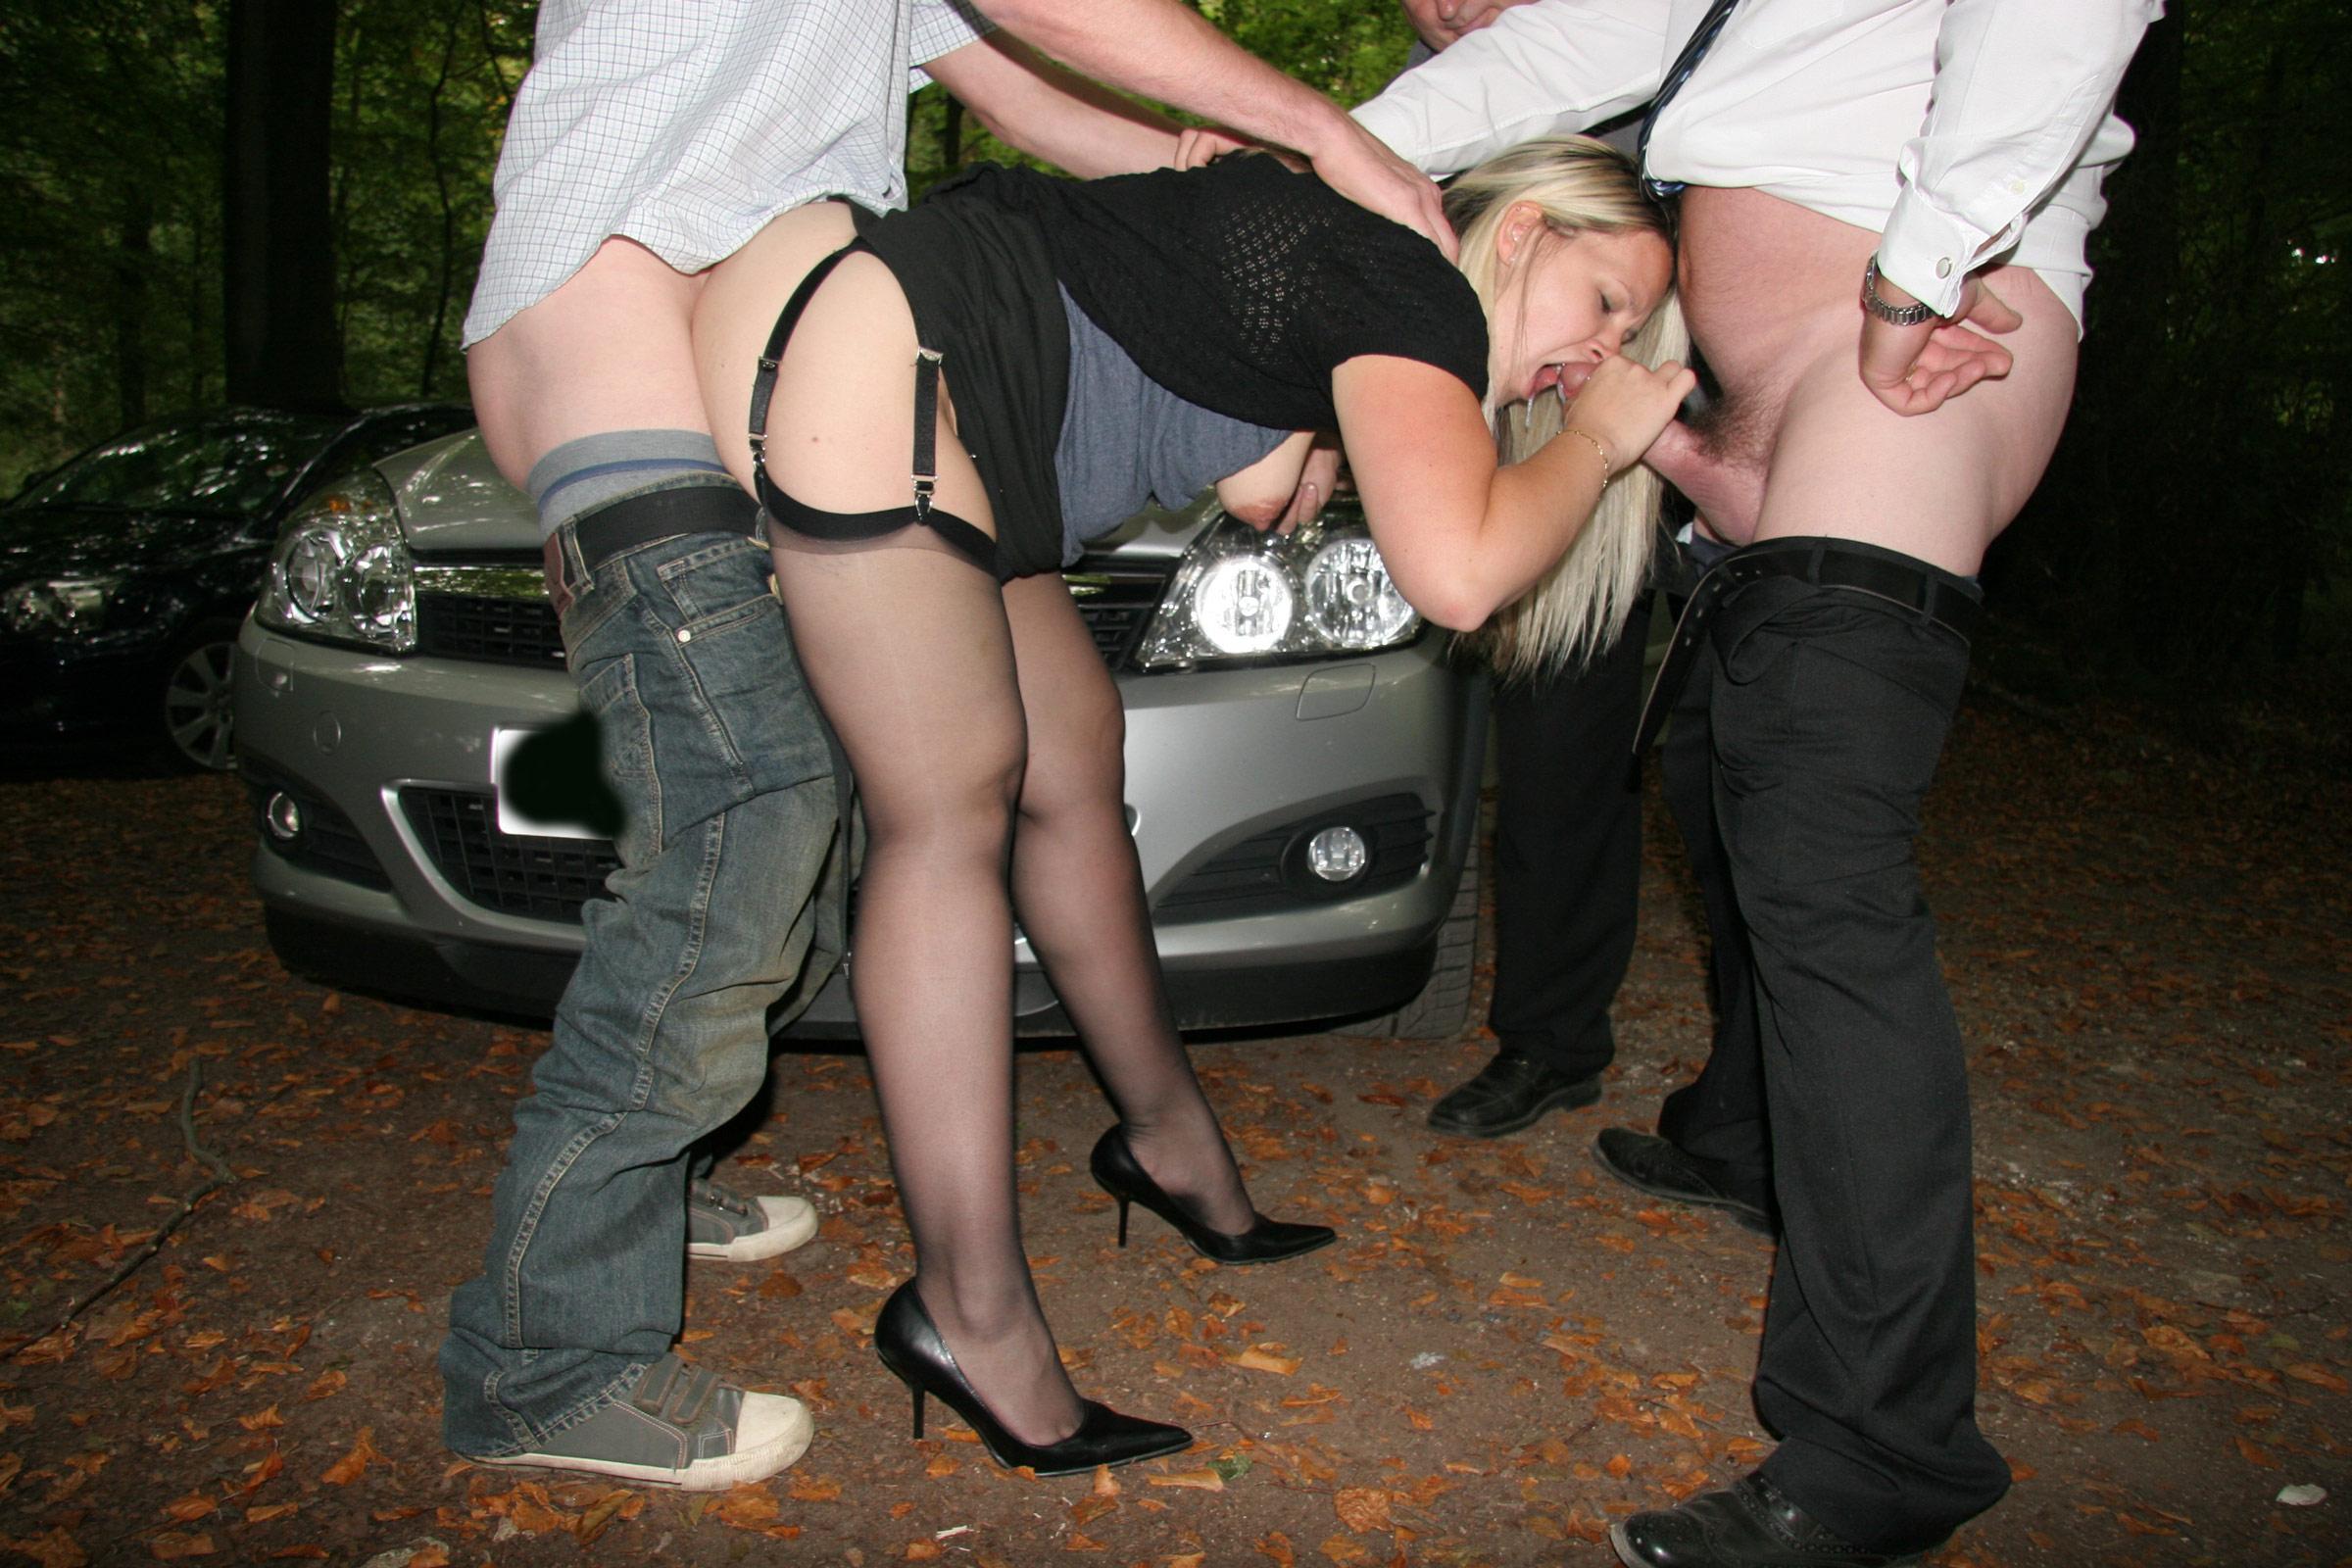 Free prostitute hardcore pic